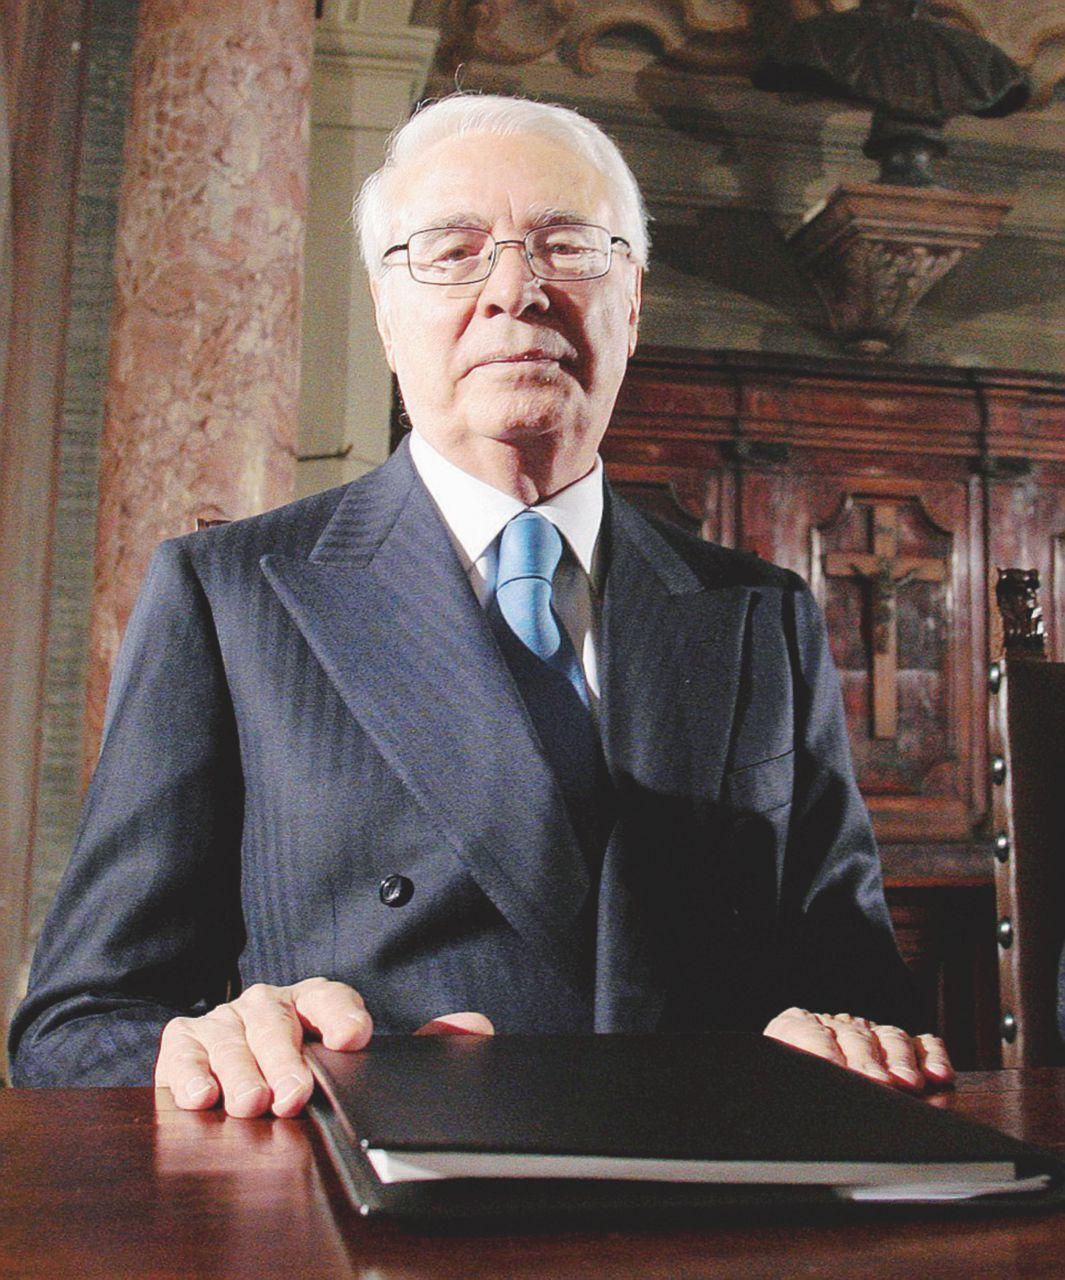 La condanna dopo 15 anni: chi chiede scusa agli italiani?